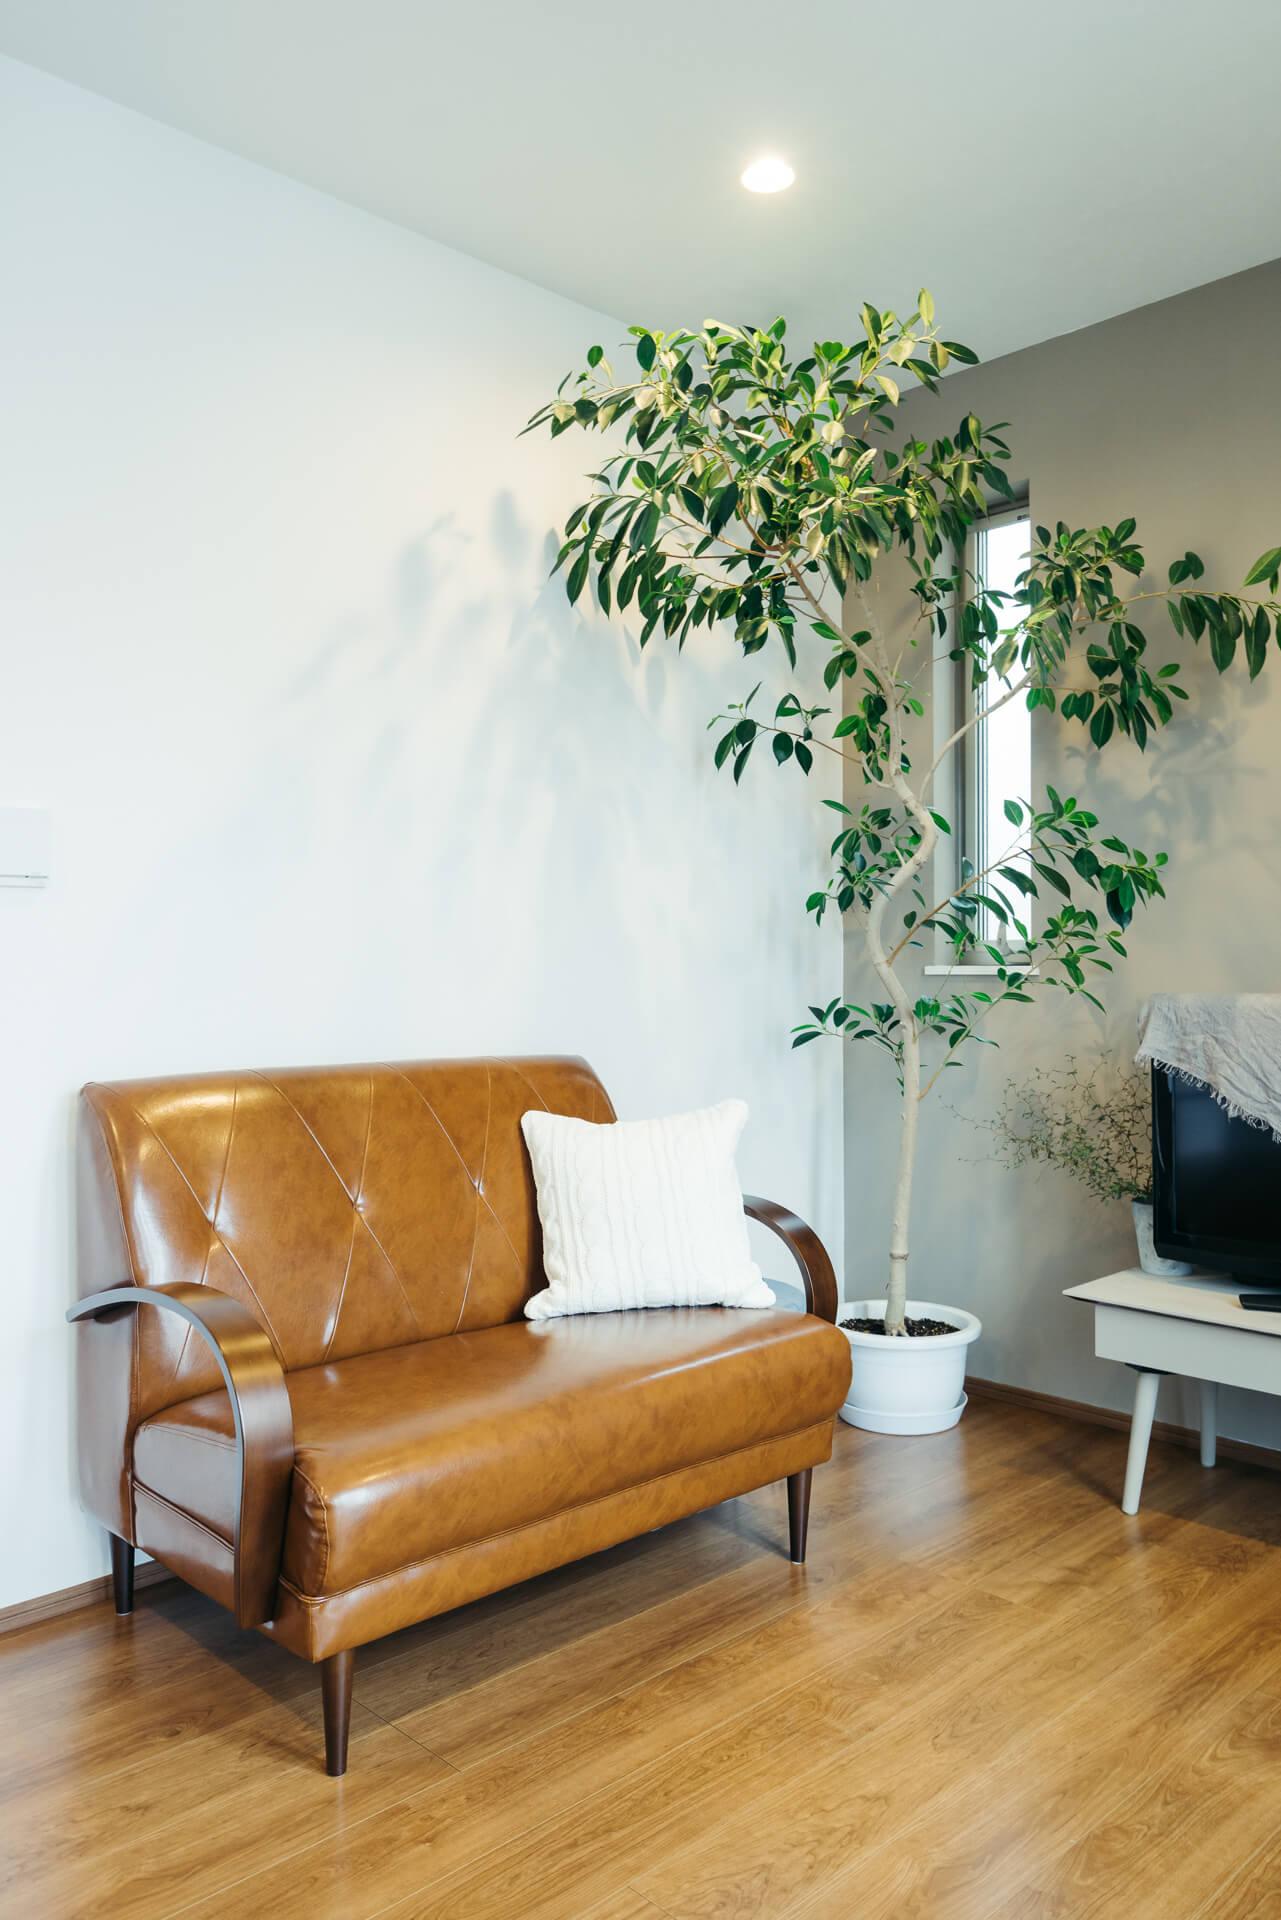 見事なガジュマルの木も、ワールドガーデンで購入。「室内は乾燥しやすいので、冬もたっぷりお水をやってください」とアドバイスをもらい、元気を回復できたそう。